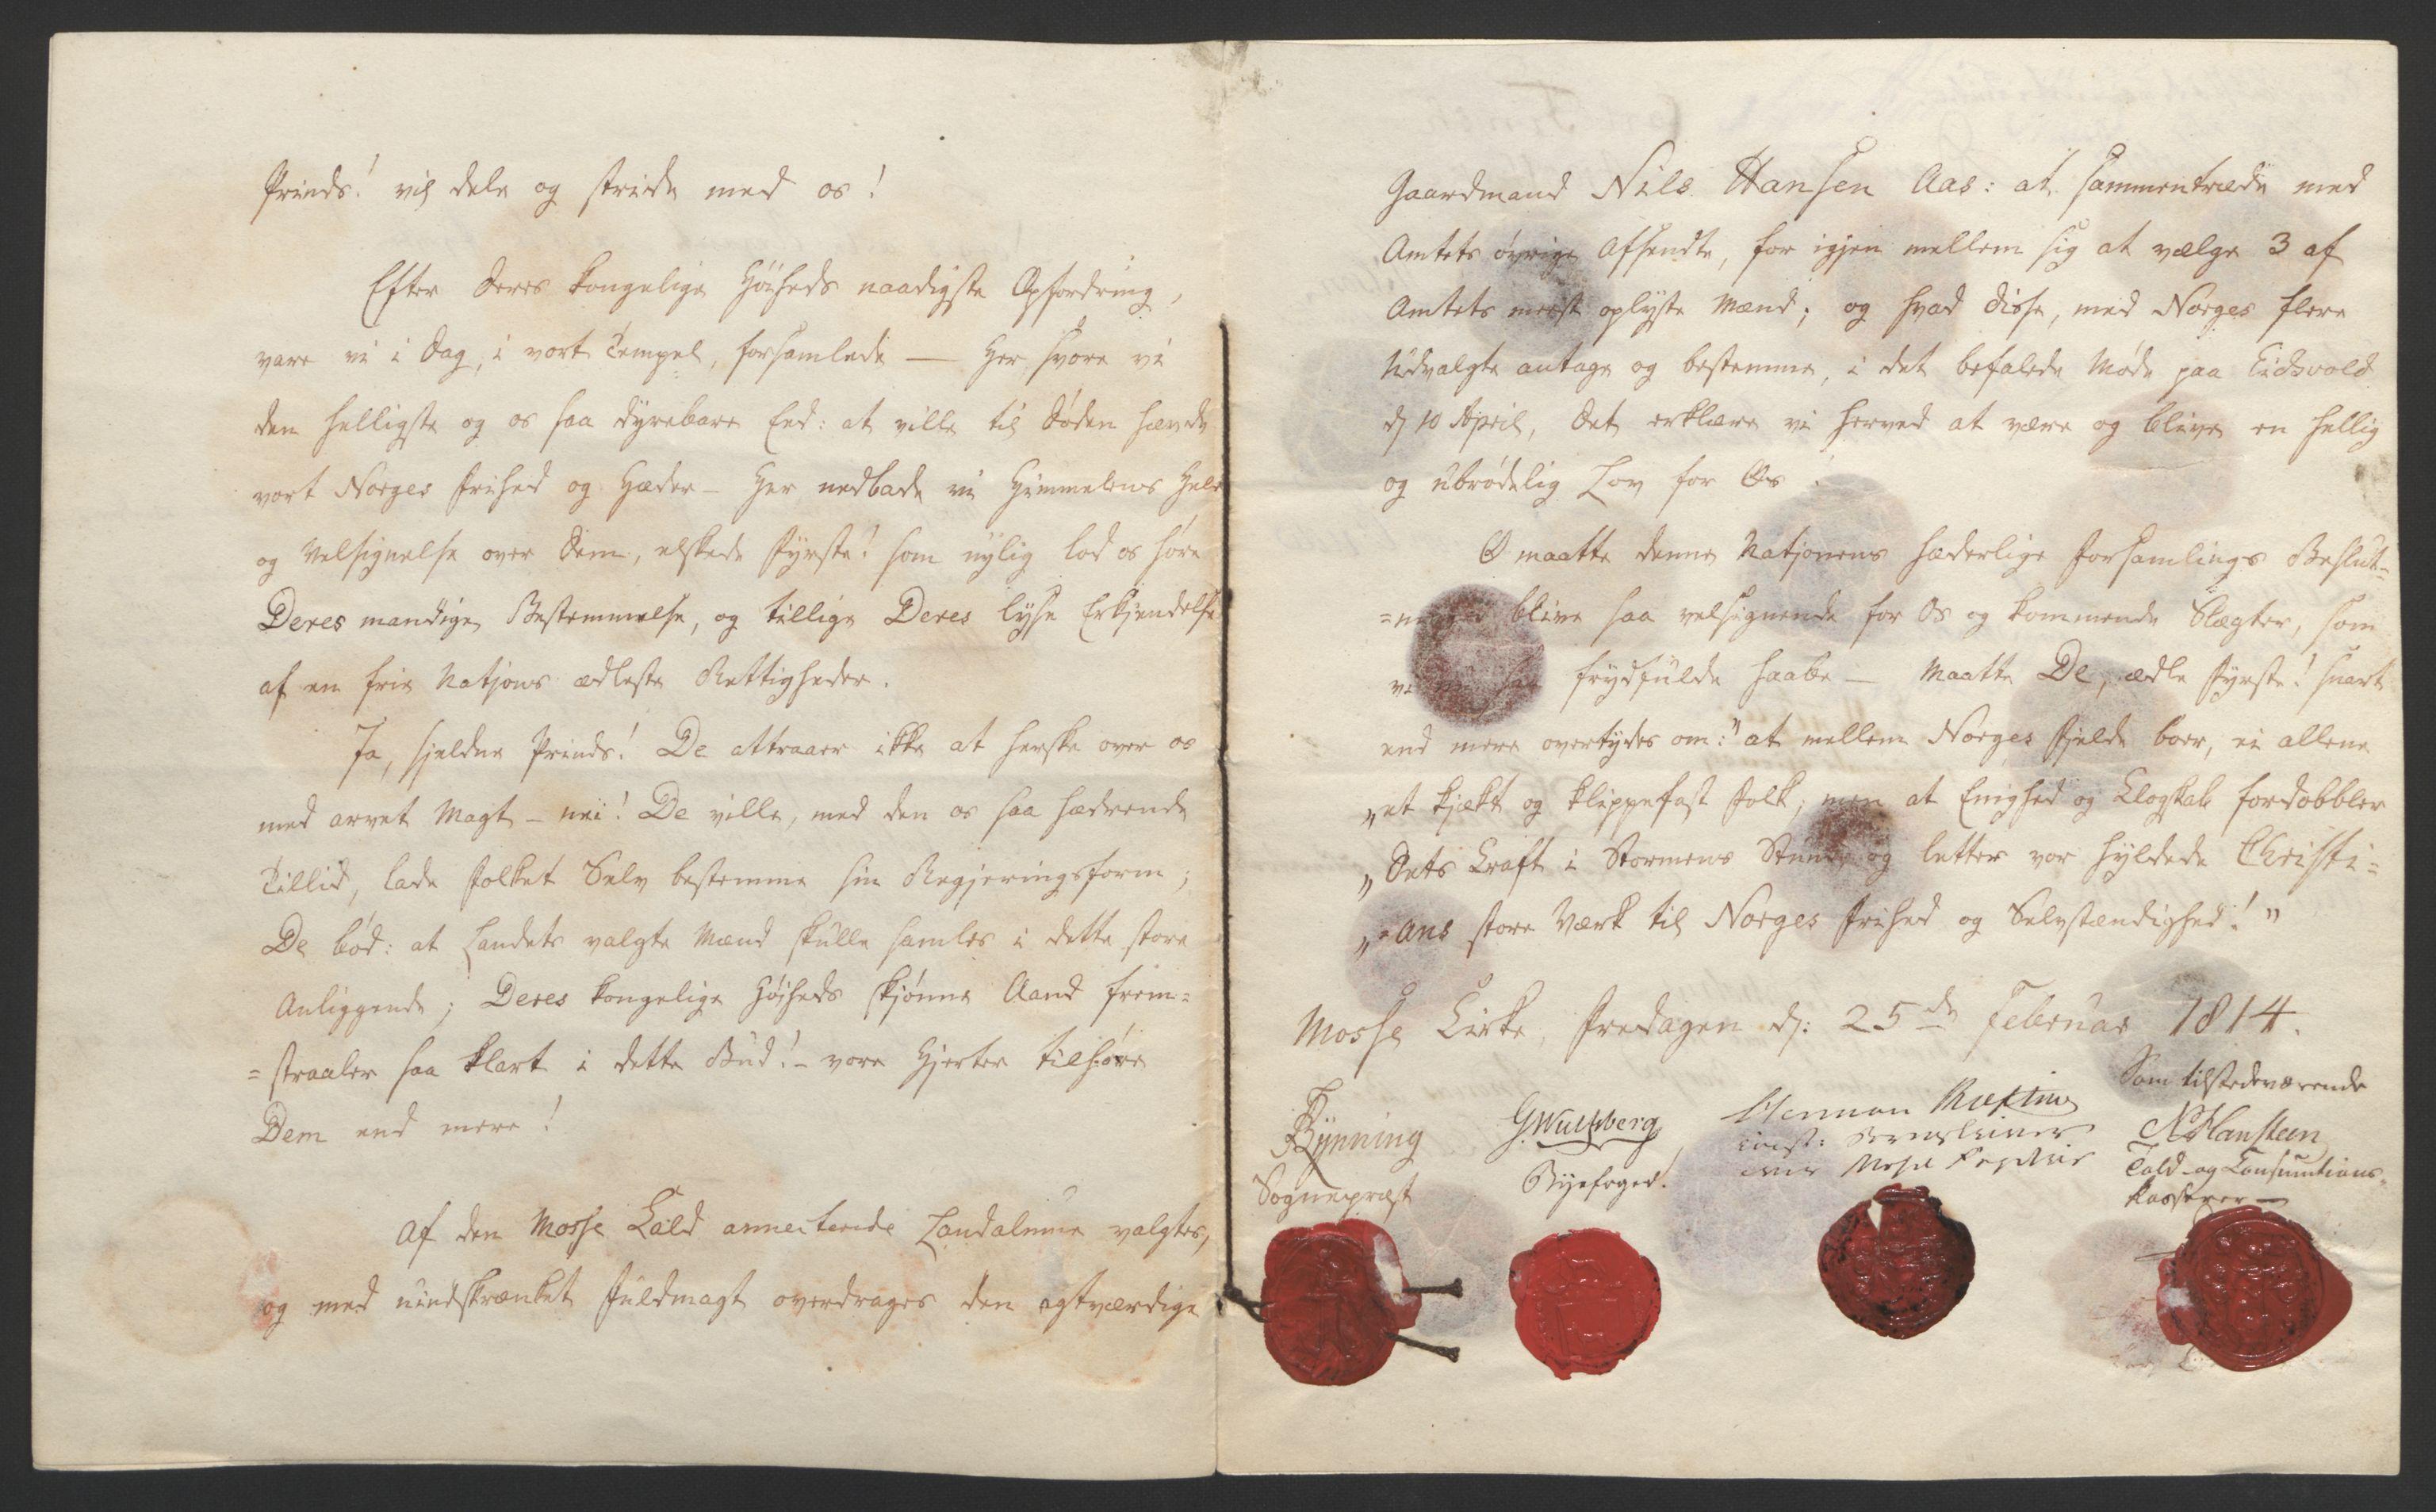 RA, Statsrådssekretariatet, D/Db/L0007: Fullmakter for Eidsvollsrepresentantene i 1814. , 1814, s. 155